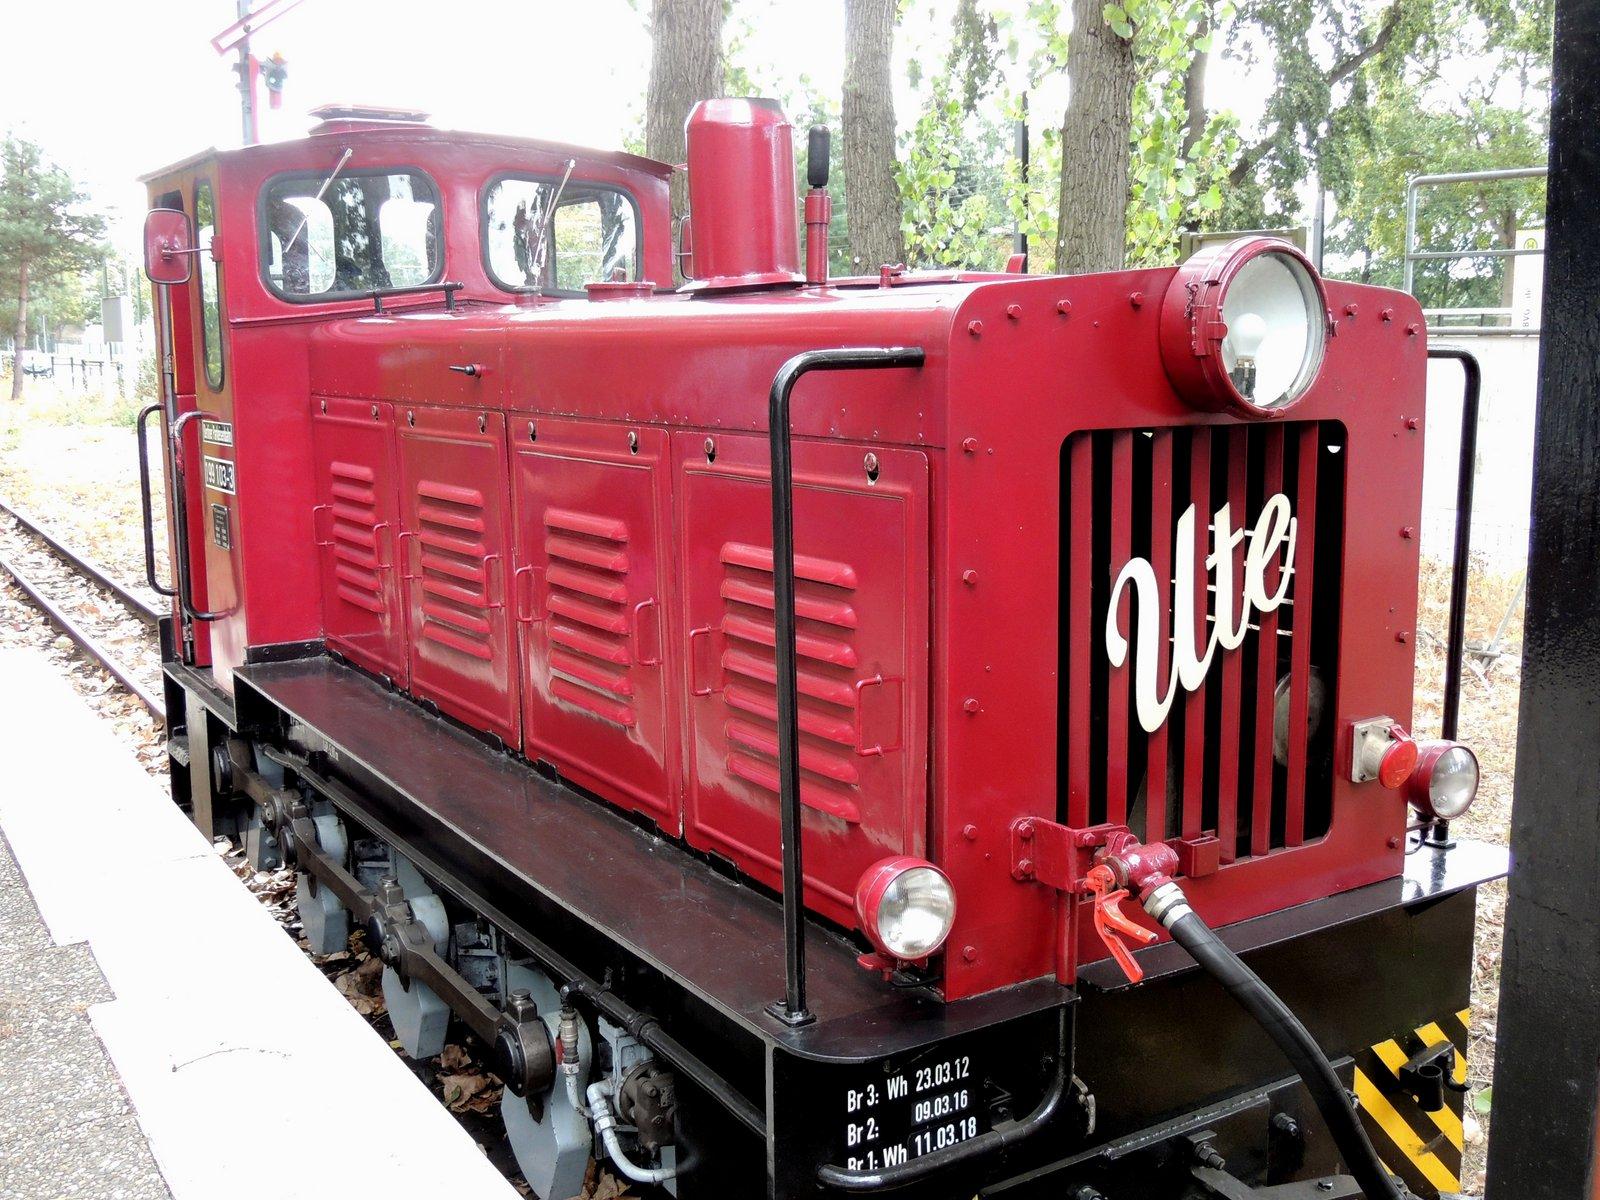 Die Parkeisenbahn in der Wuhlheide - Lokomotive Ute